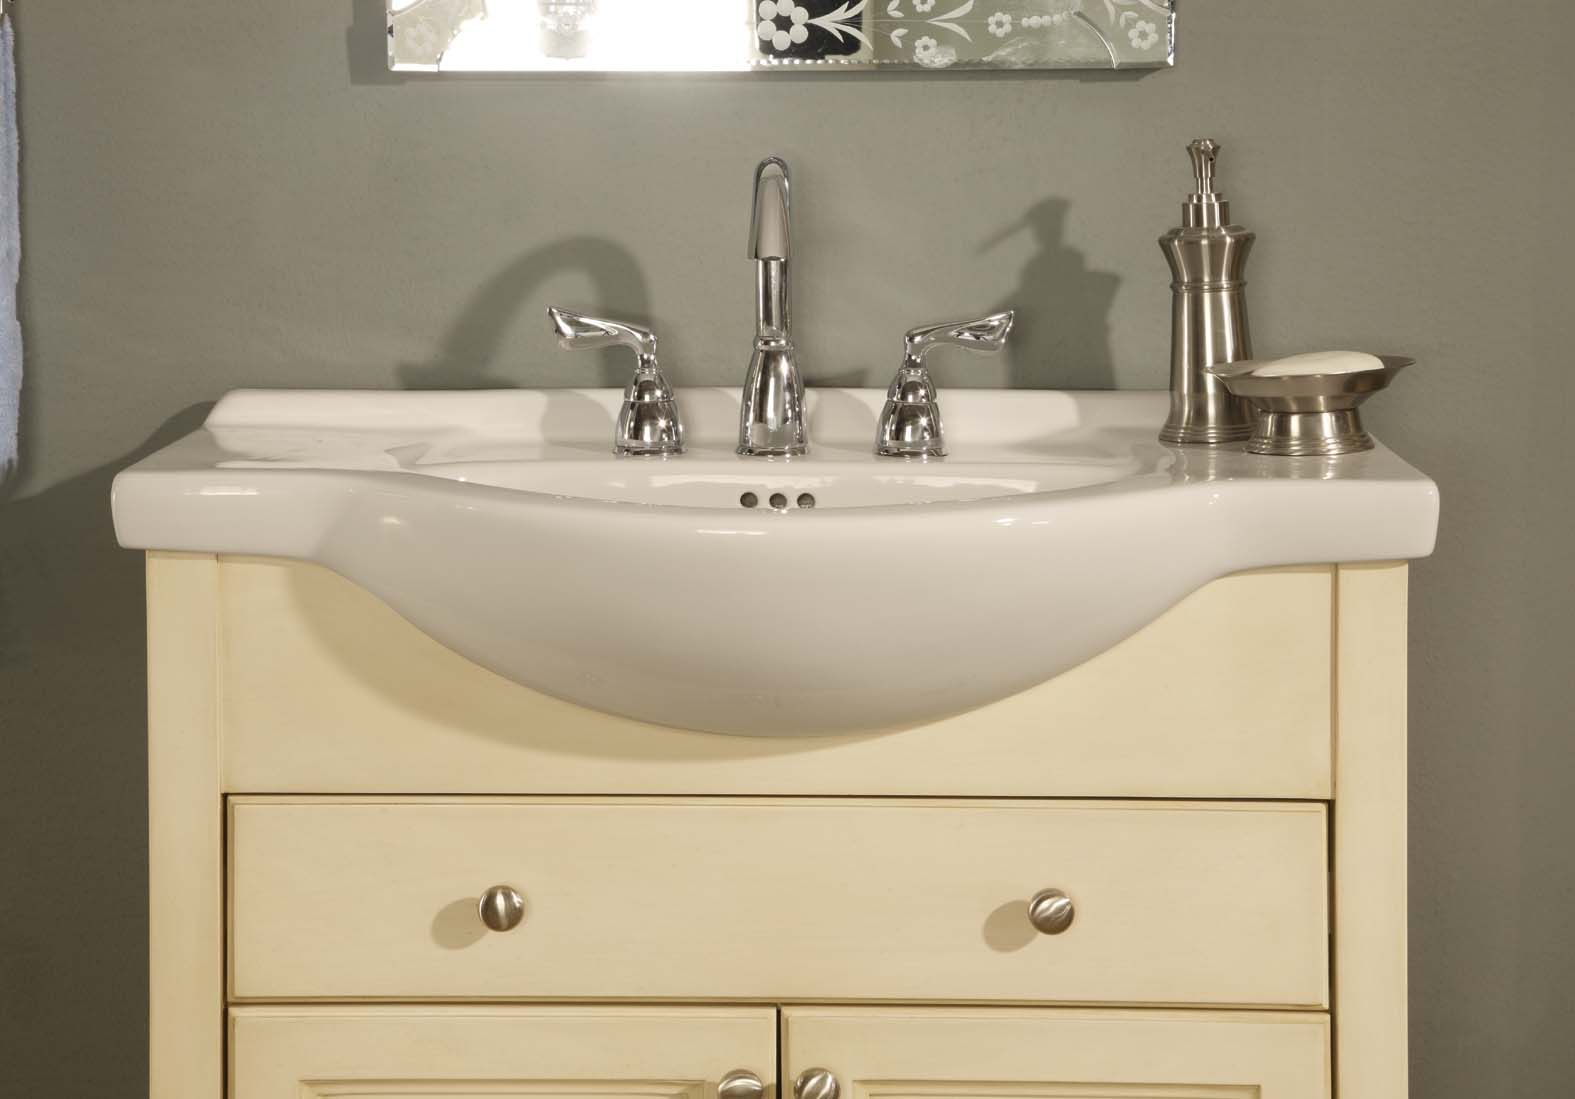 Shallow Depth Bathroom Sink Vanity In 2020 Home Depot Bathroom Vanity Small Bathroom Sinks Bathroom Sink Vanity